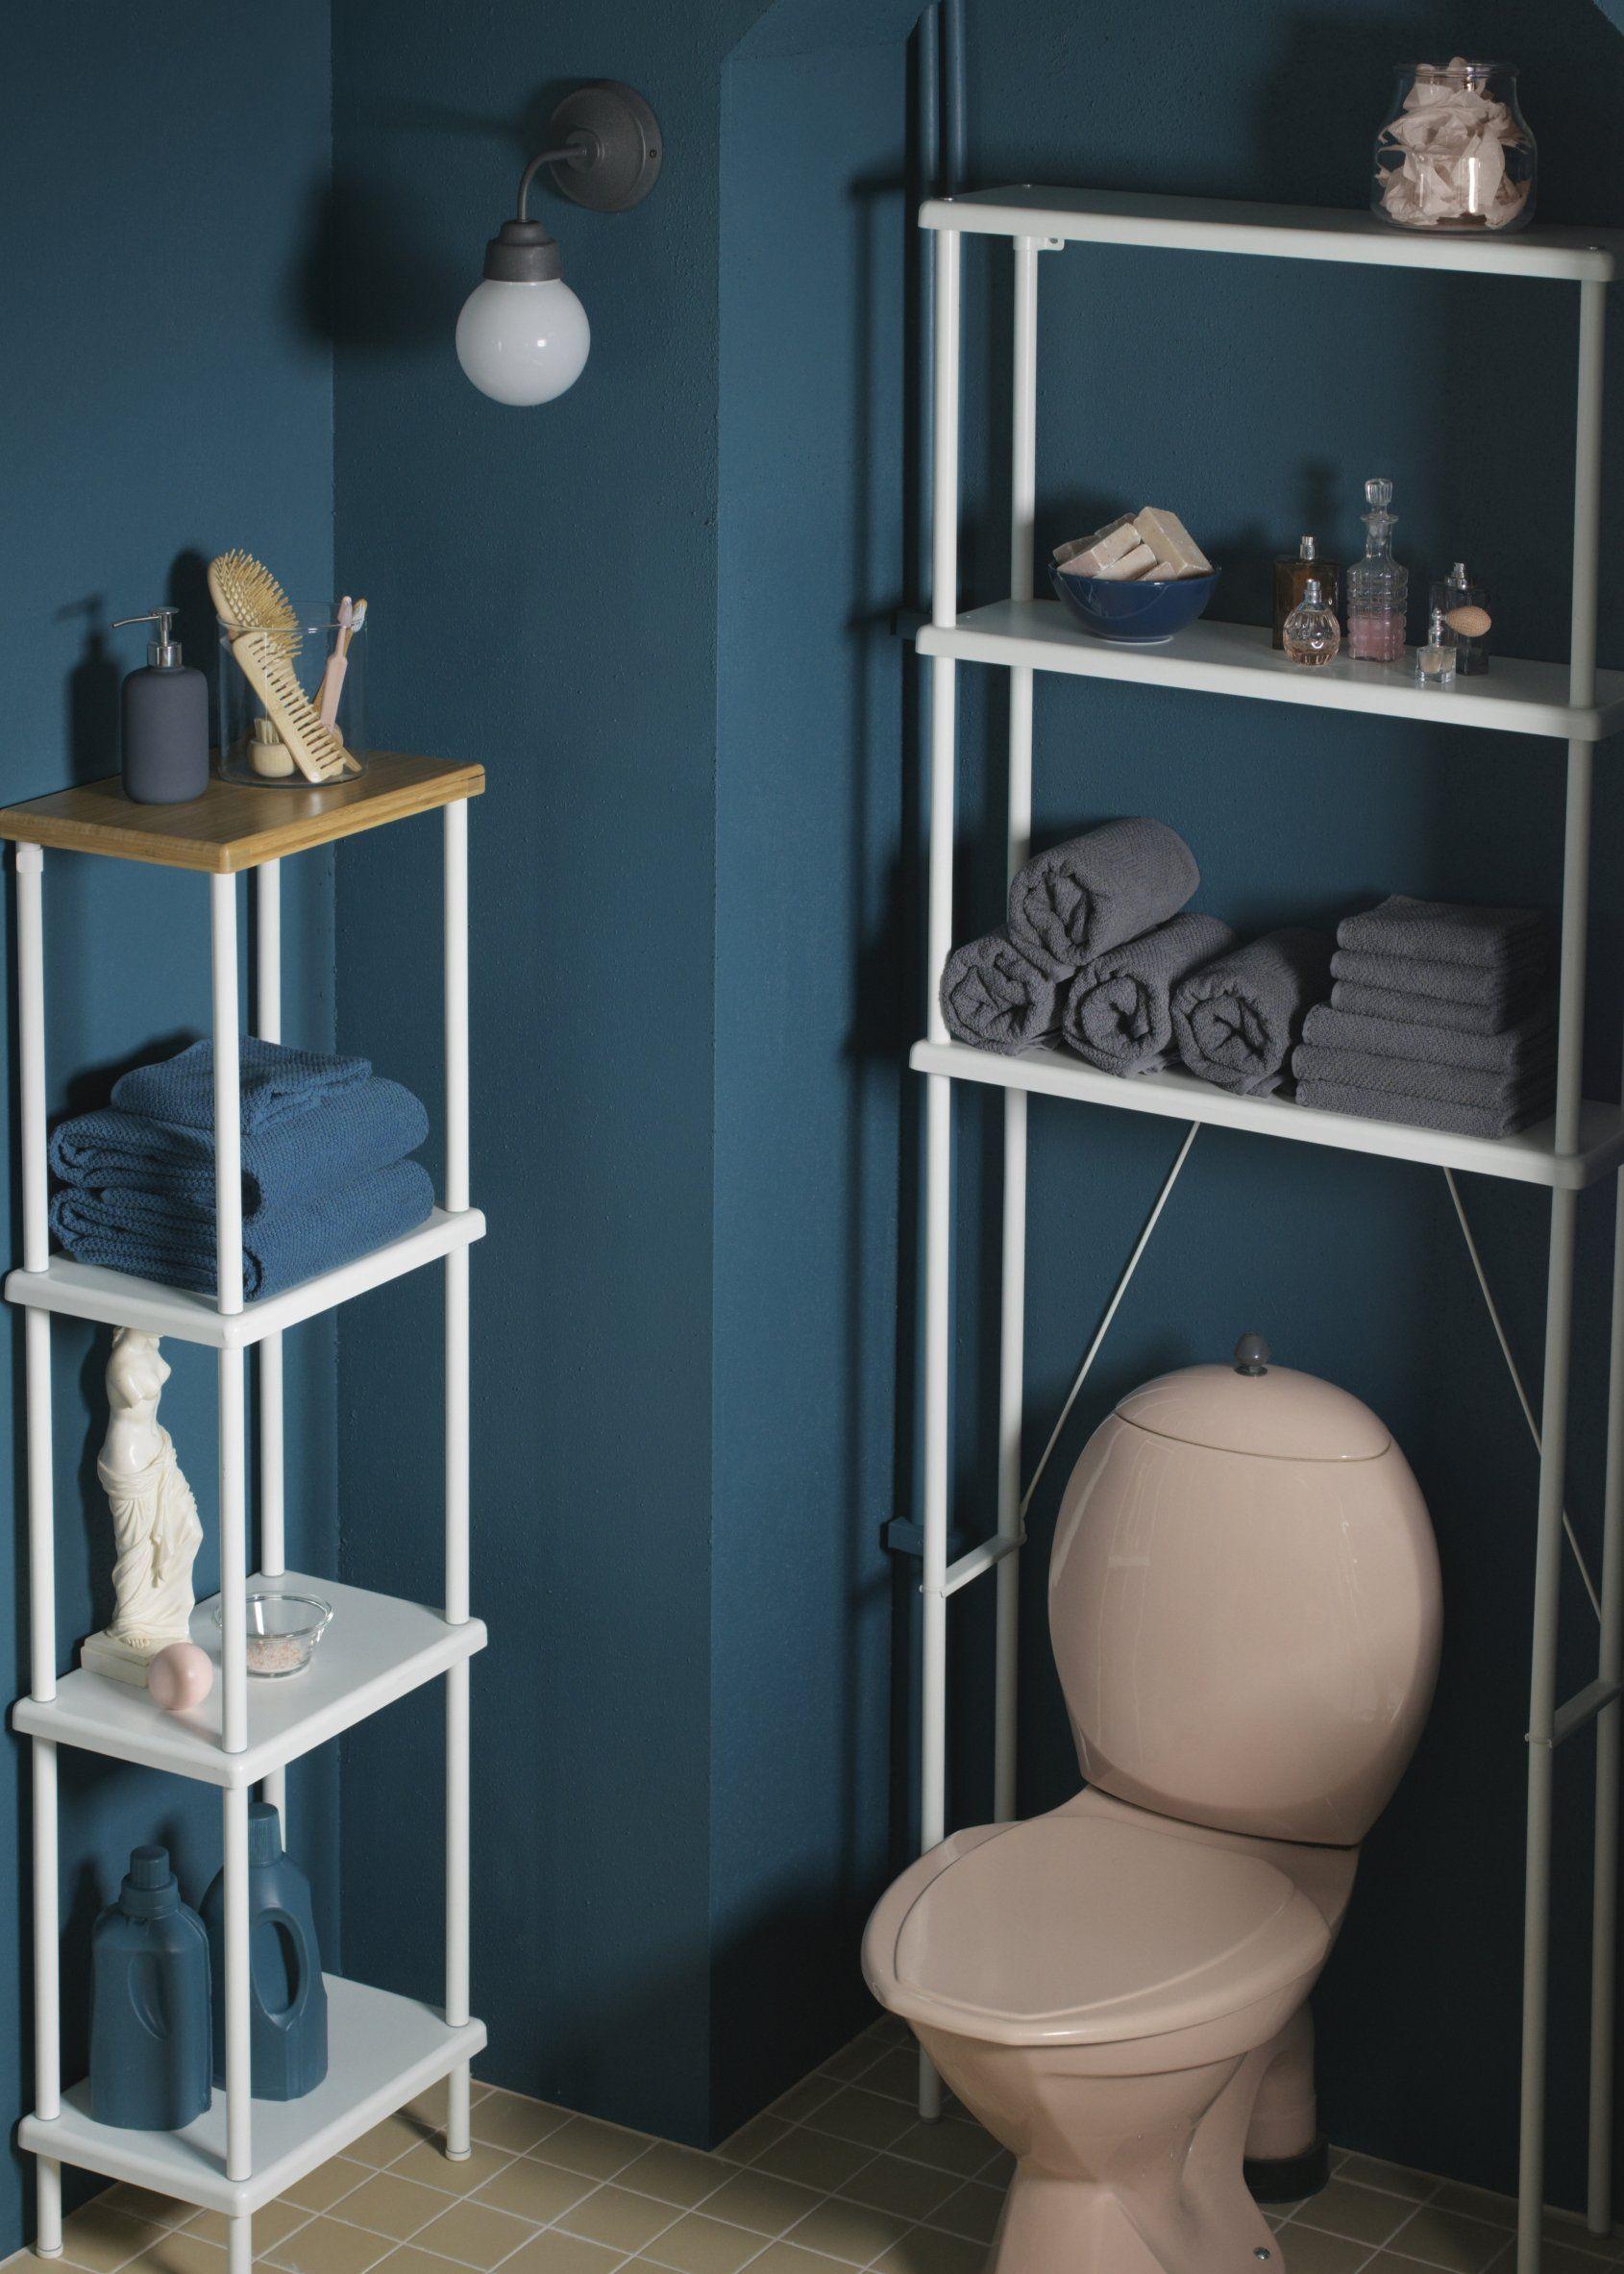 De 25 Idees Pour Decorer Vos Wc Decoration Toilettes Deco Toilettes Interieur Salle De Bain